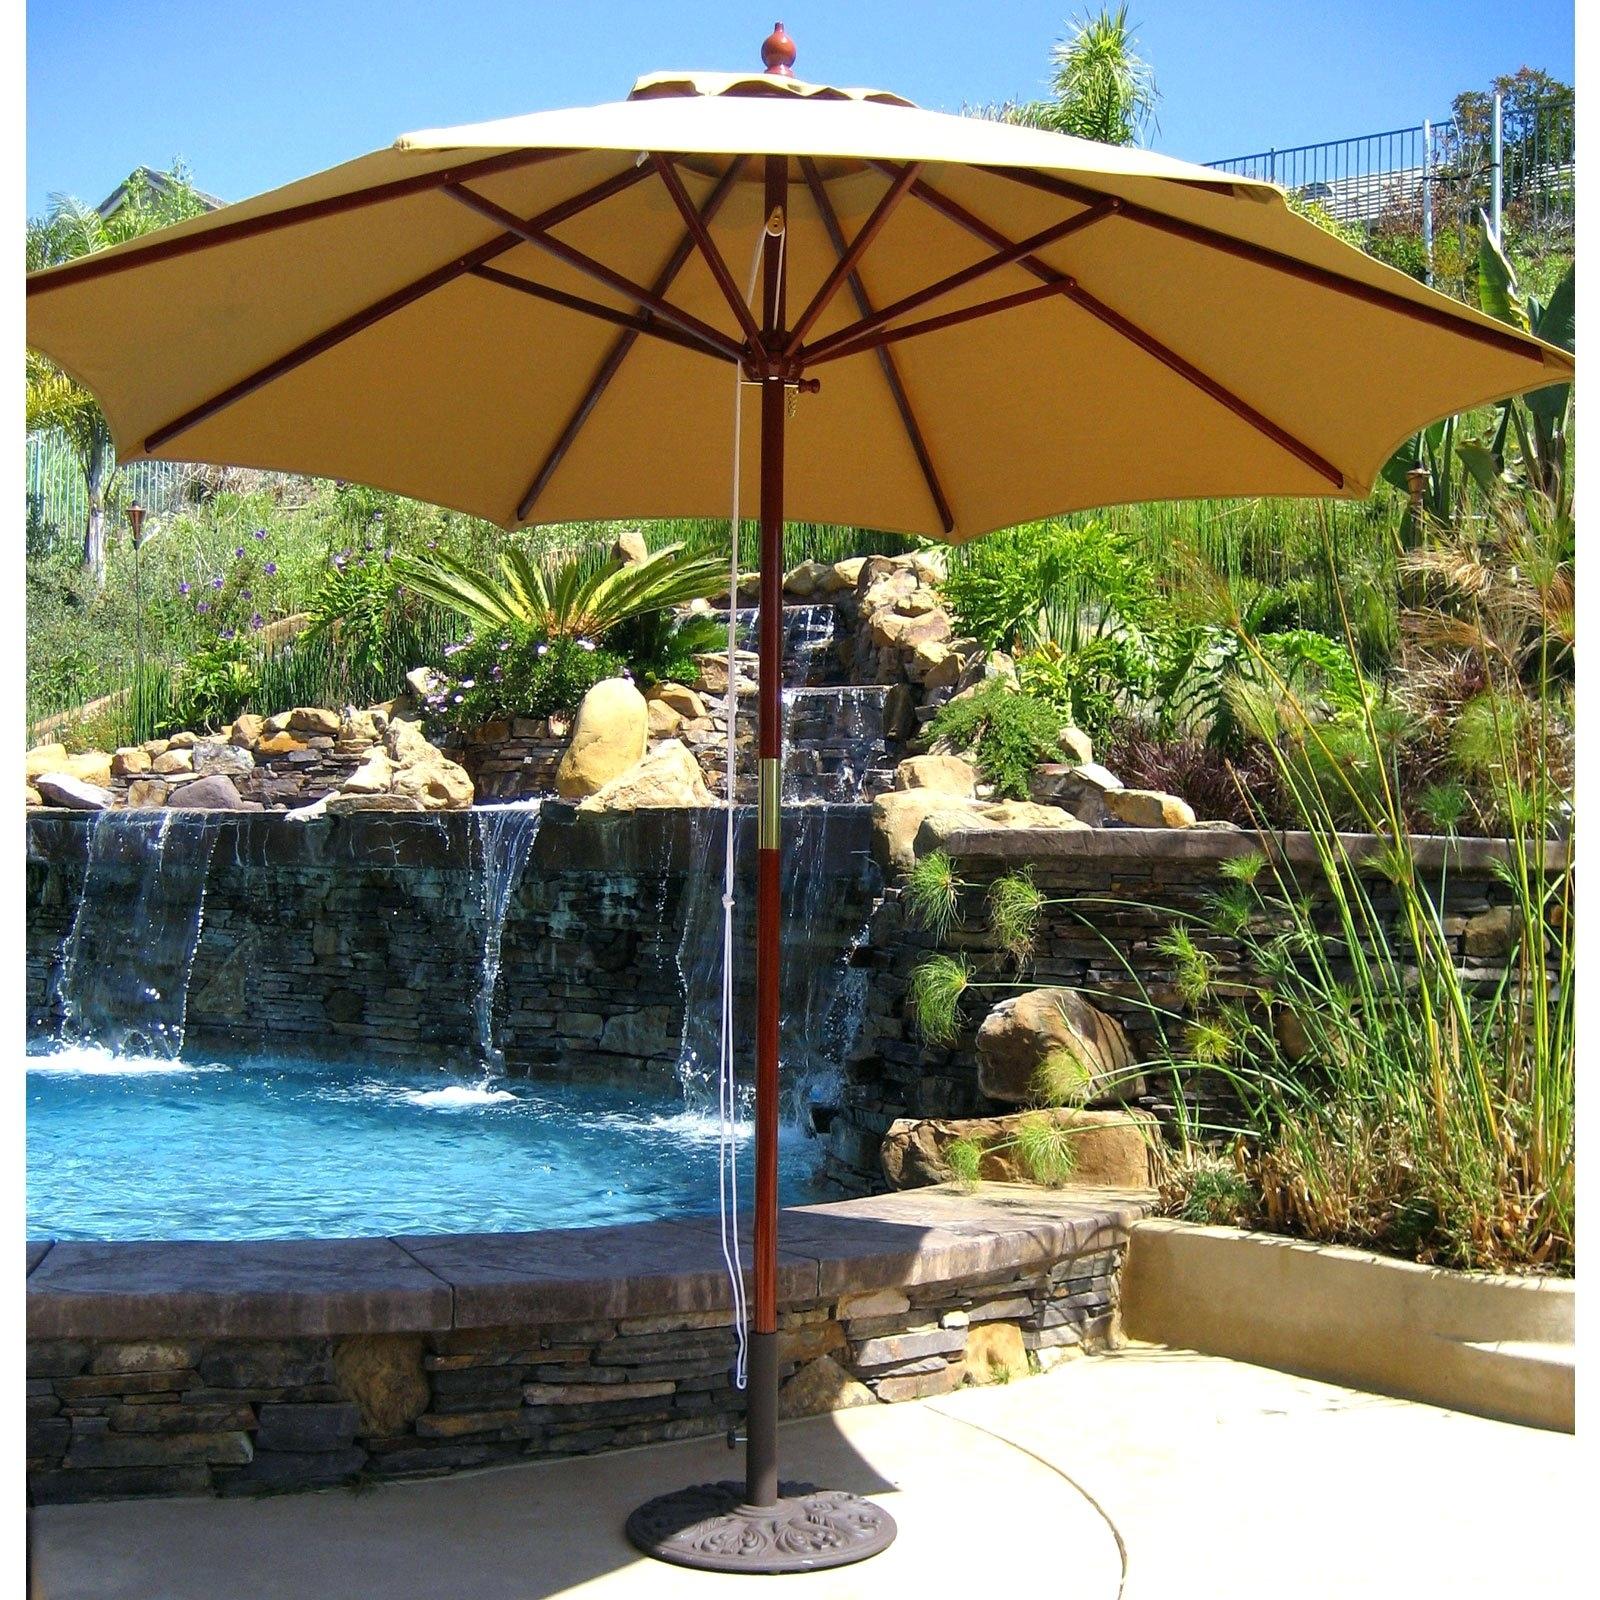 Jumbo Patio Umbrellas Inside Fashionable Patio Ideas ~ Patio Umbrella Half Round Giant Patio Umbrellas Jumbo (View 5 of 20)